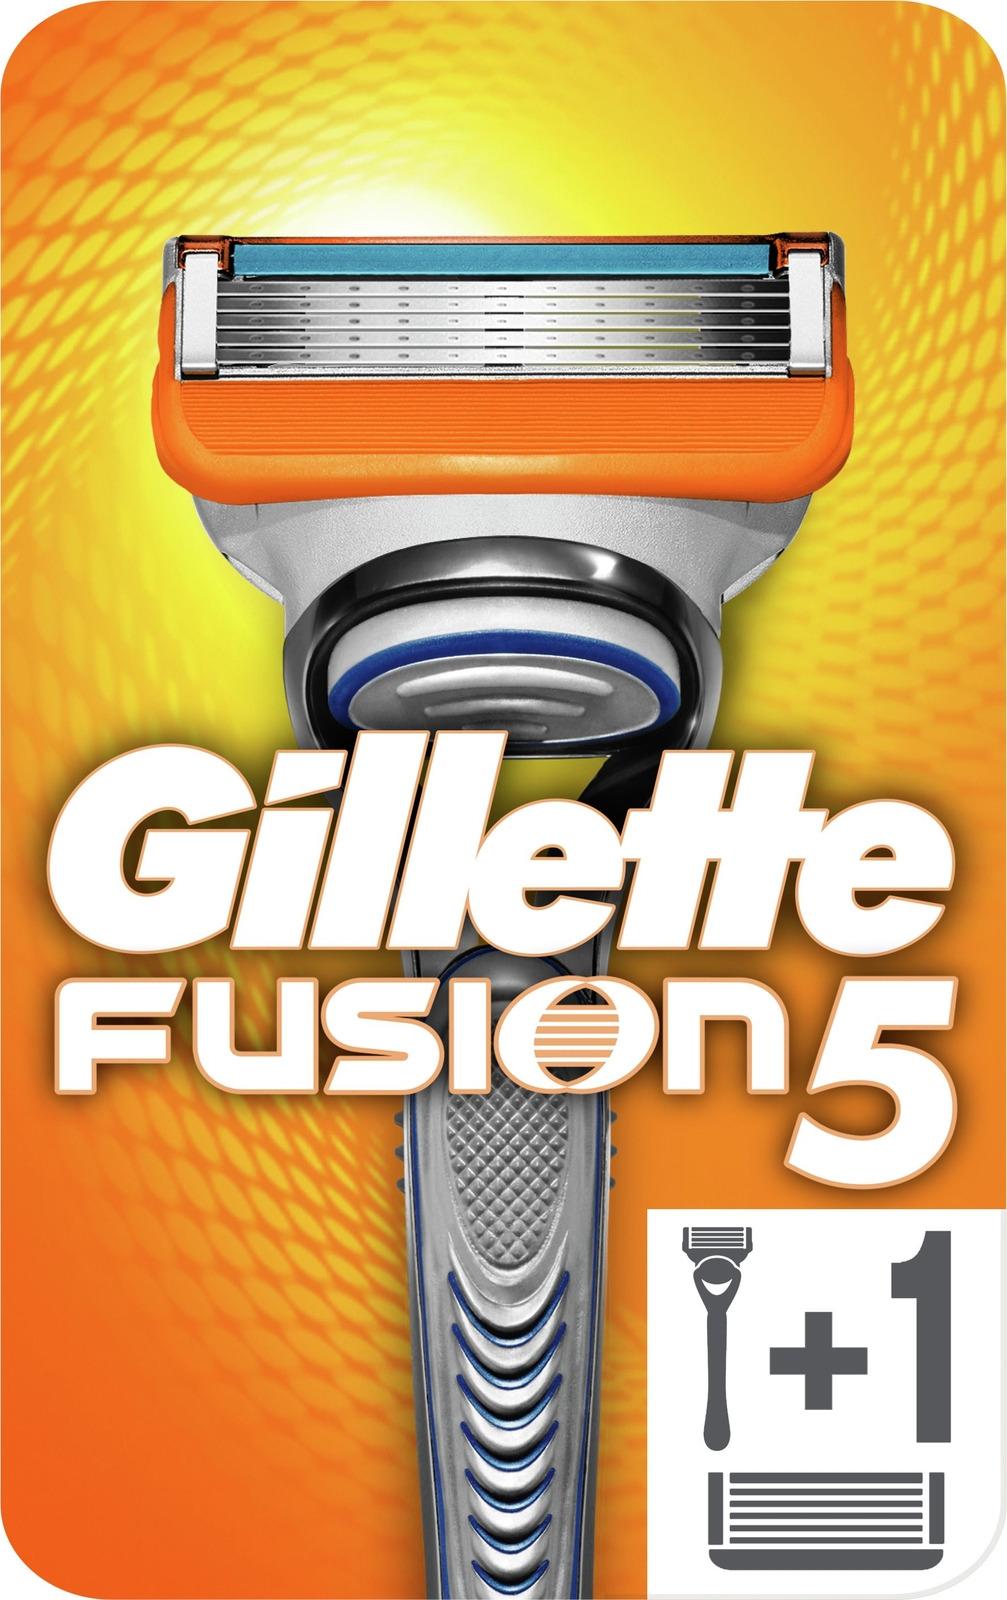 Gillette Fusion5 Мужская Бритва + 1 Кассета с 5 лезвиями